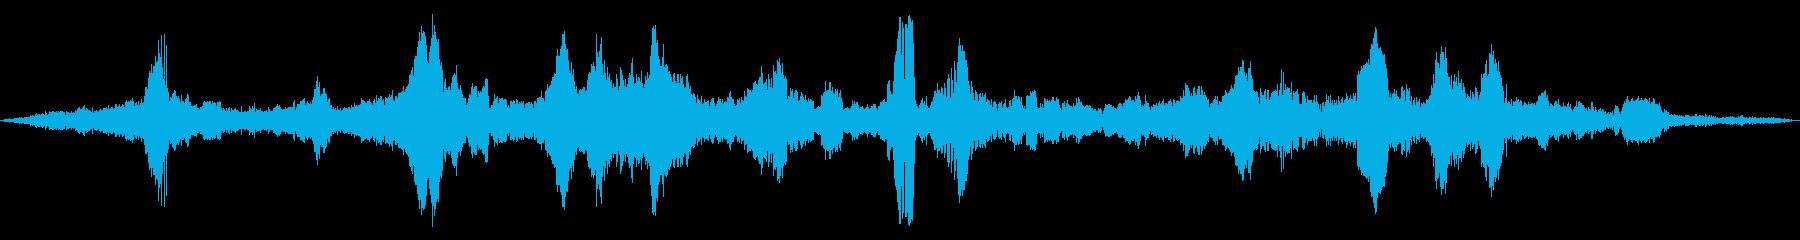 モトクロスレース:Mx1シリーズ:...の再生済みの波形